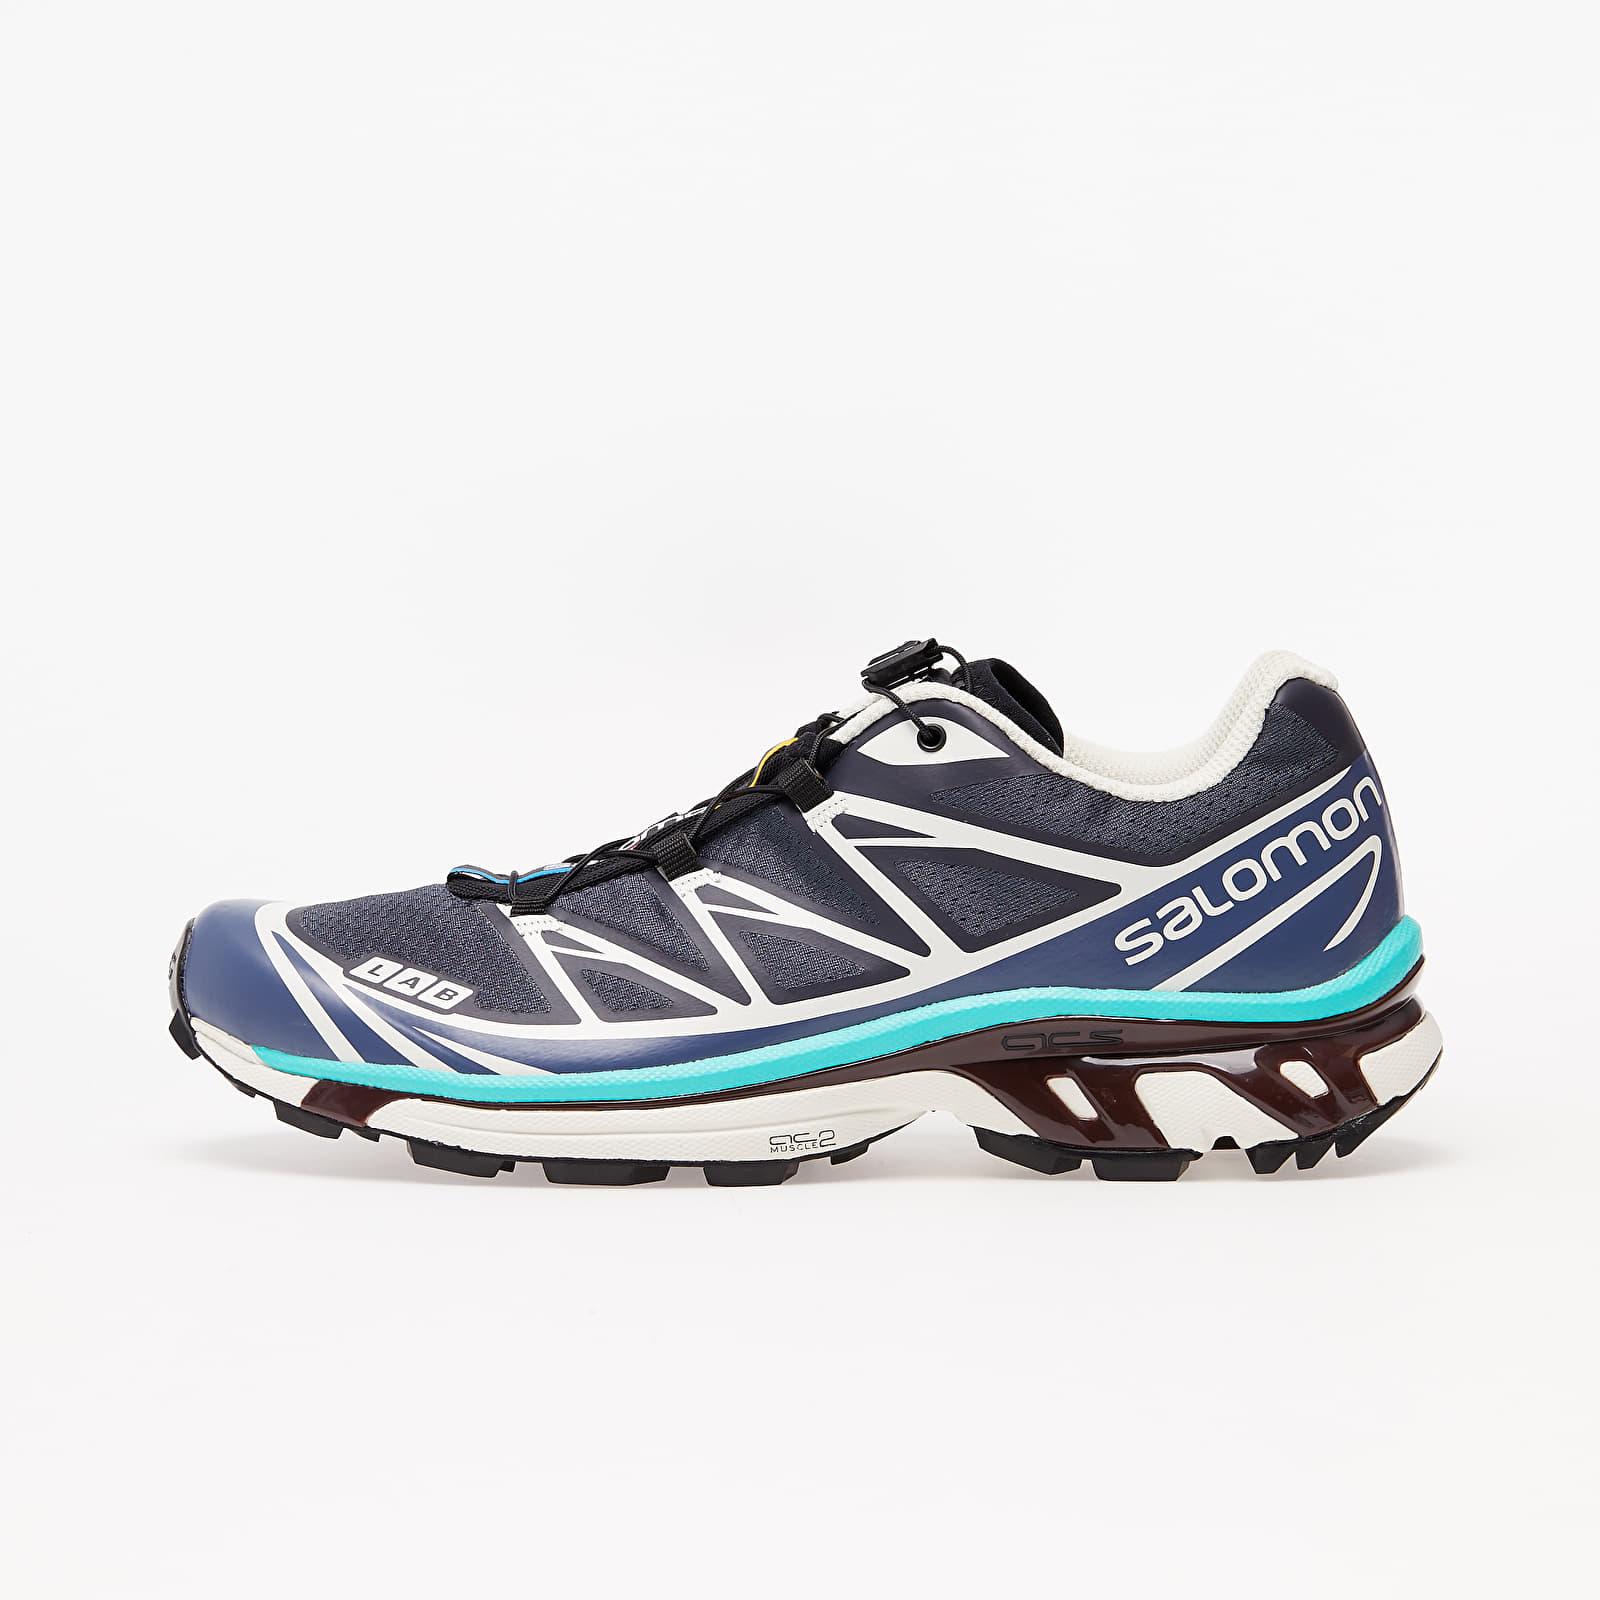 Încălțăminte și sneakerși pentru bărbați Salomon XT-6 Advanced Ebony/ Vanilla Ice/ Atlantis